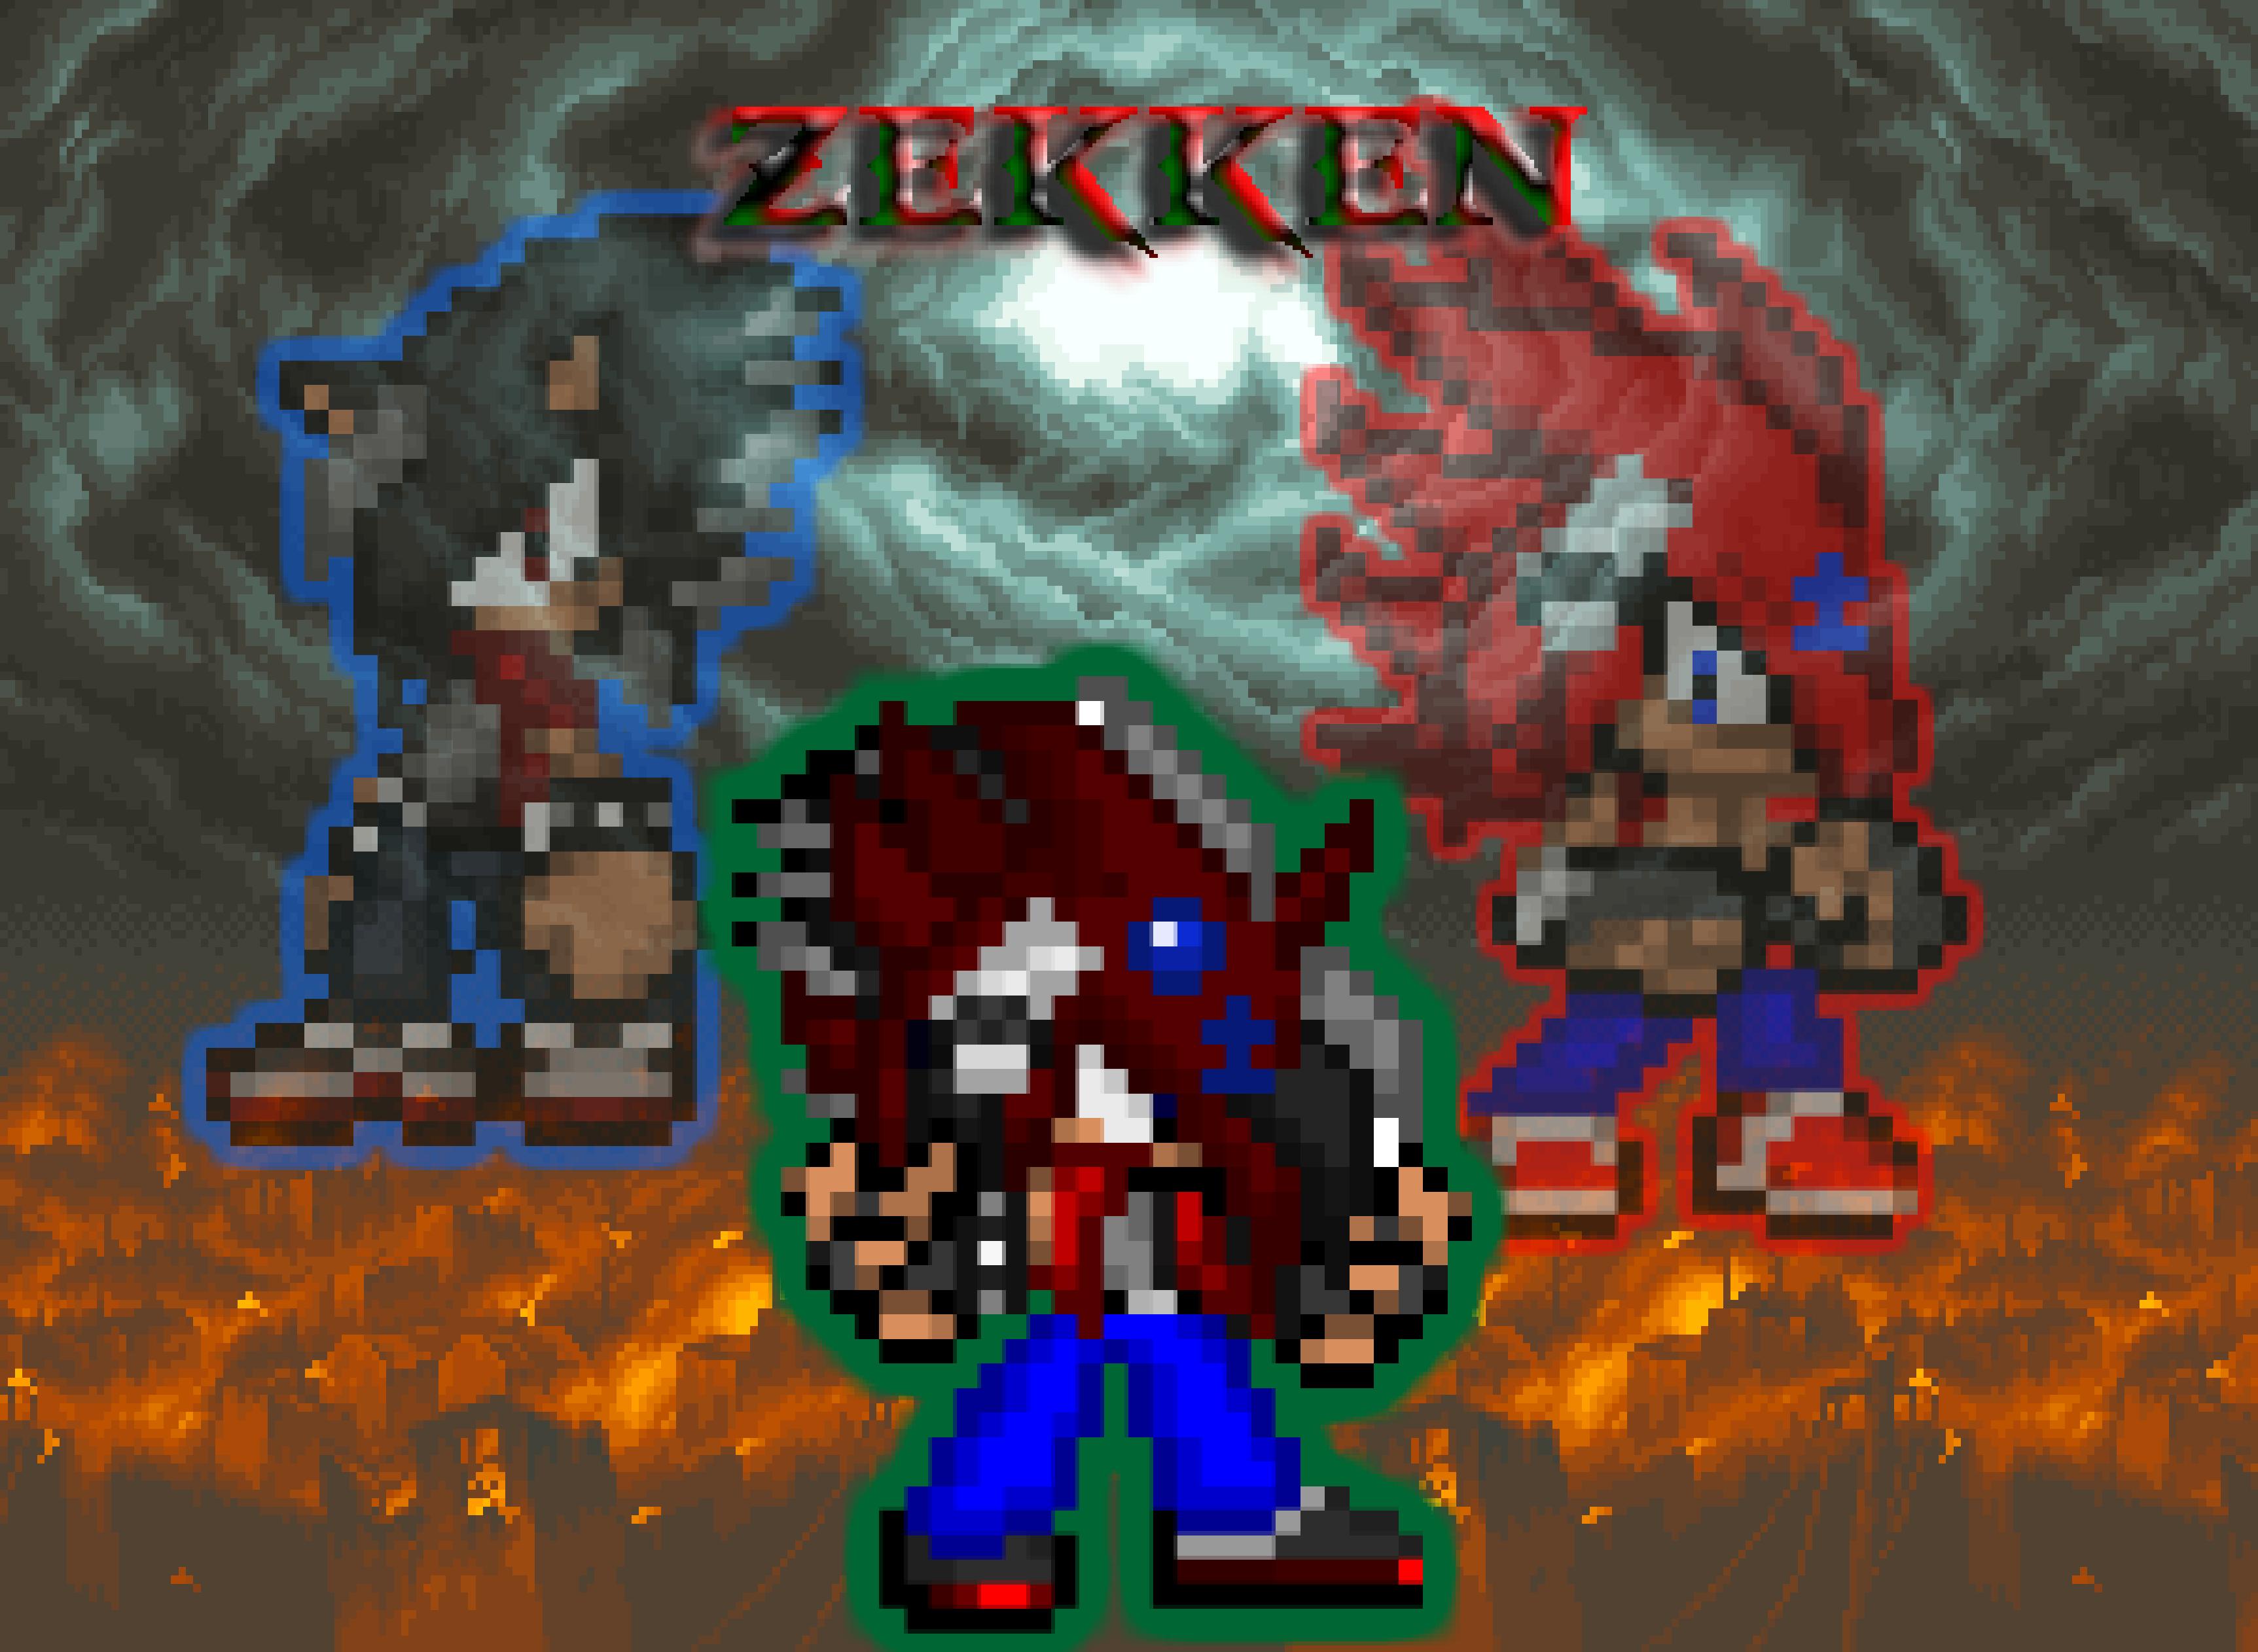 Zekken the fusion entity by Xx-ApocalypseHeartxX